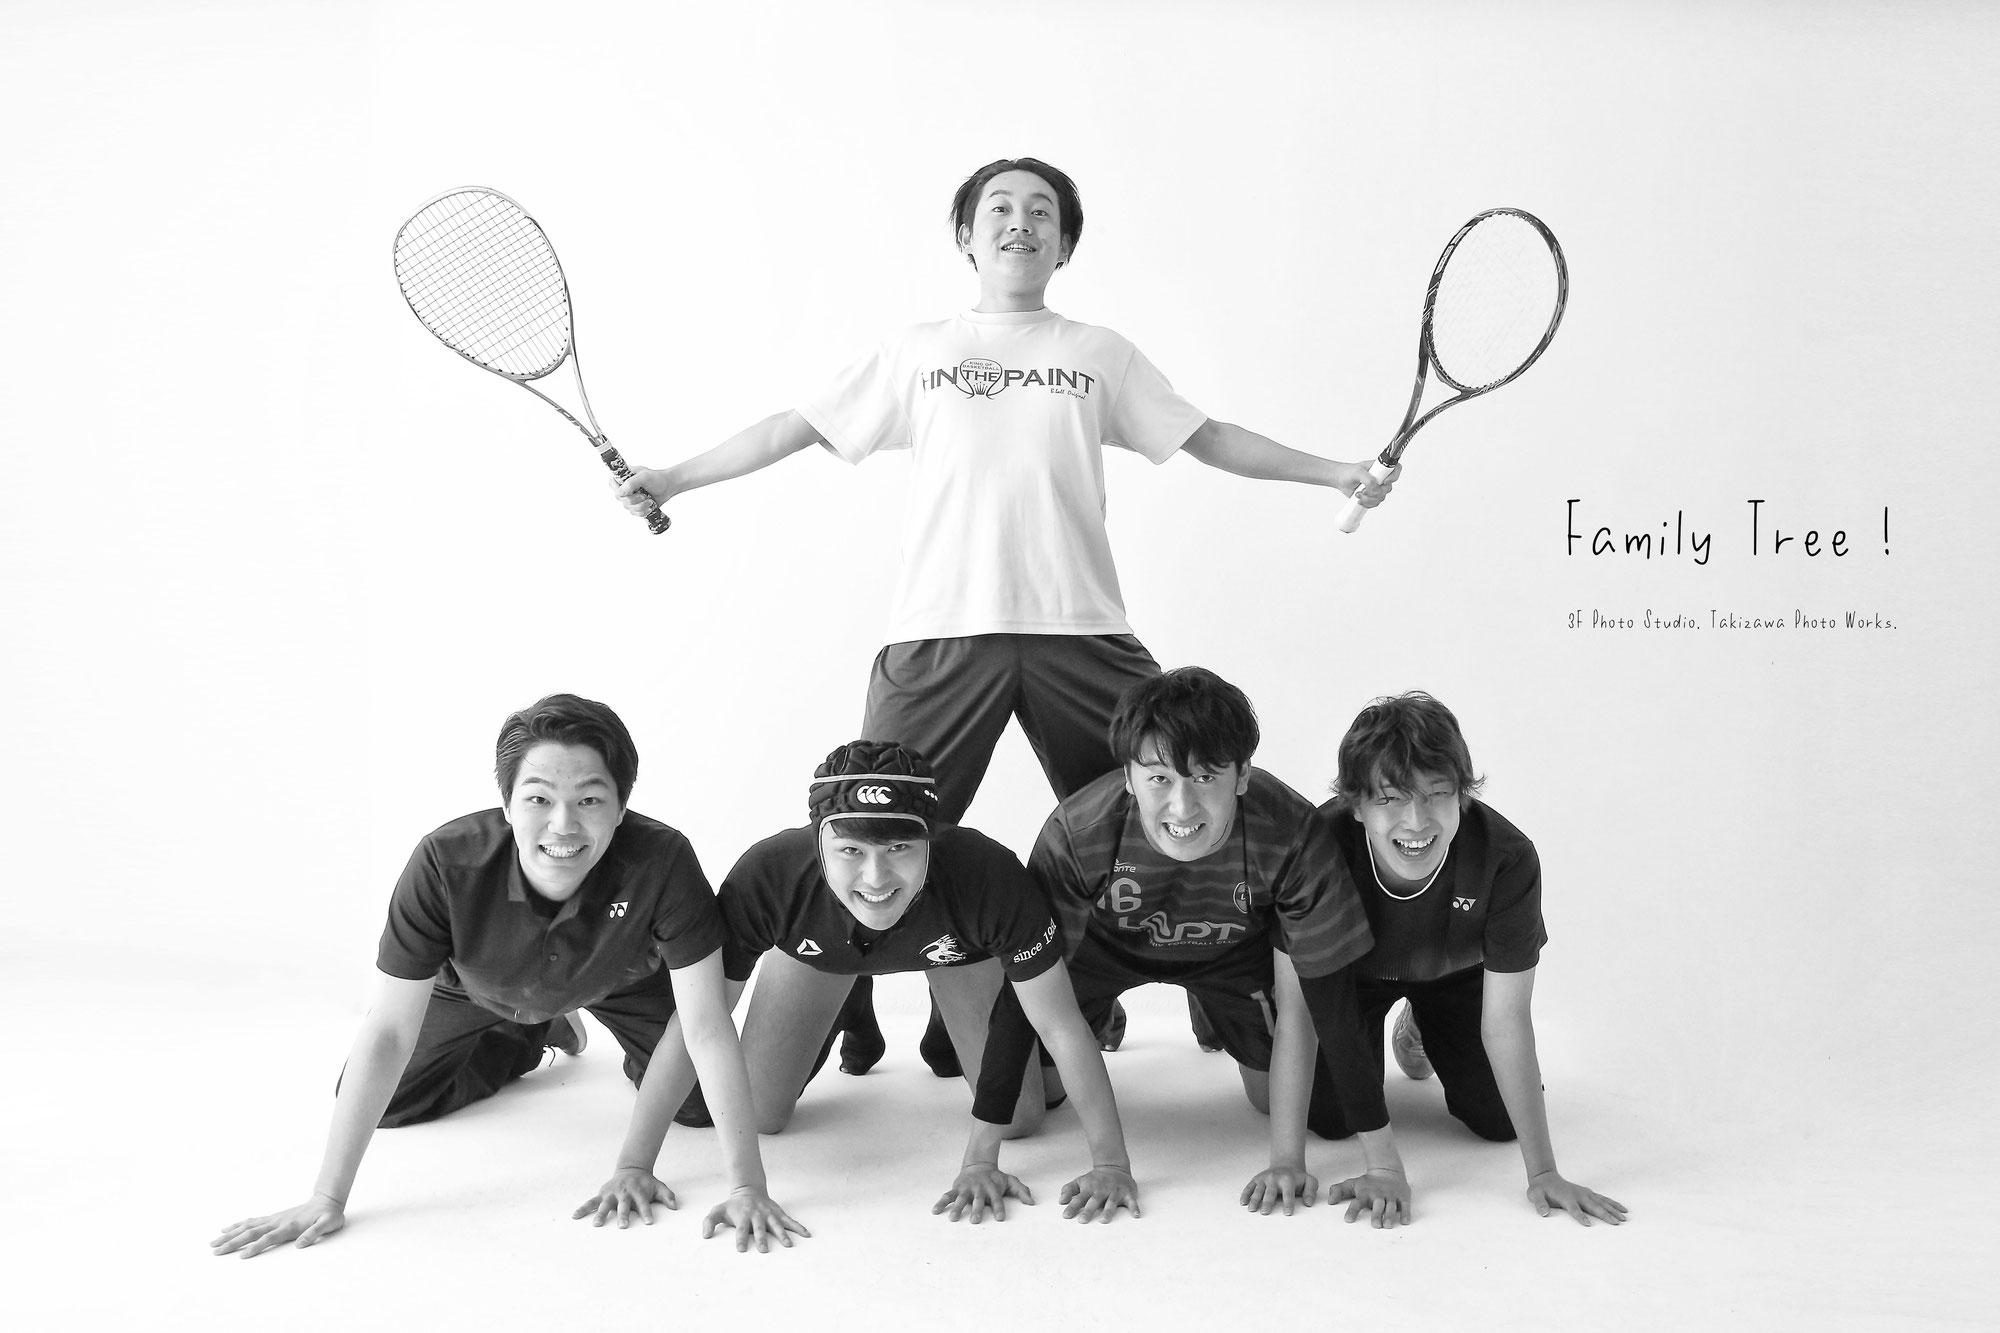 新潟市にある 3F Photo Studio.の卒業記念写真です!